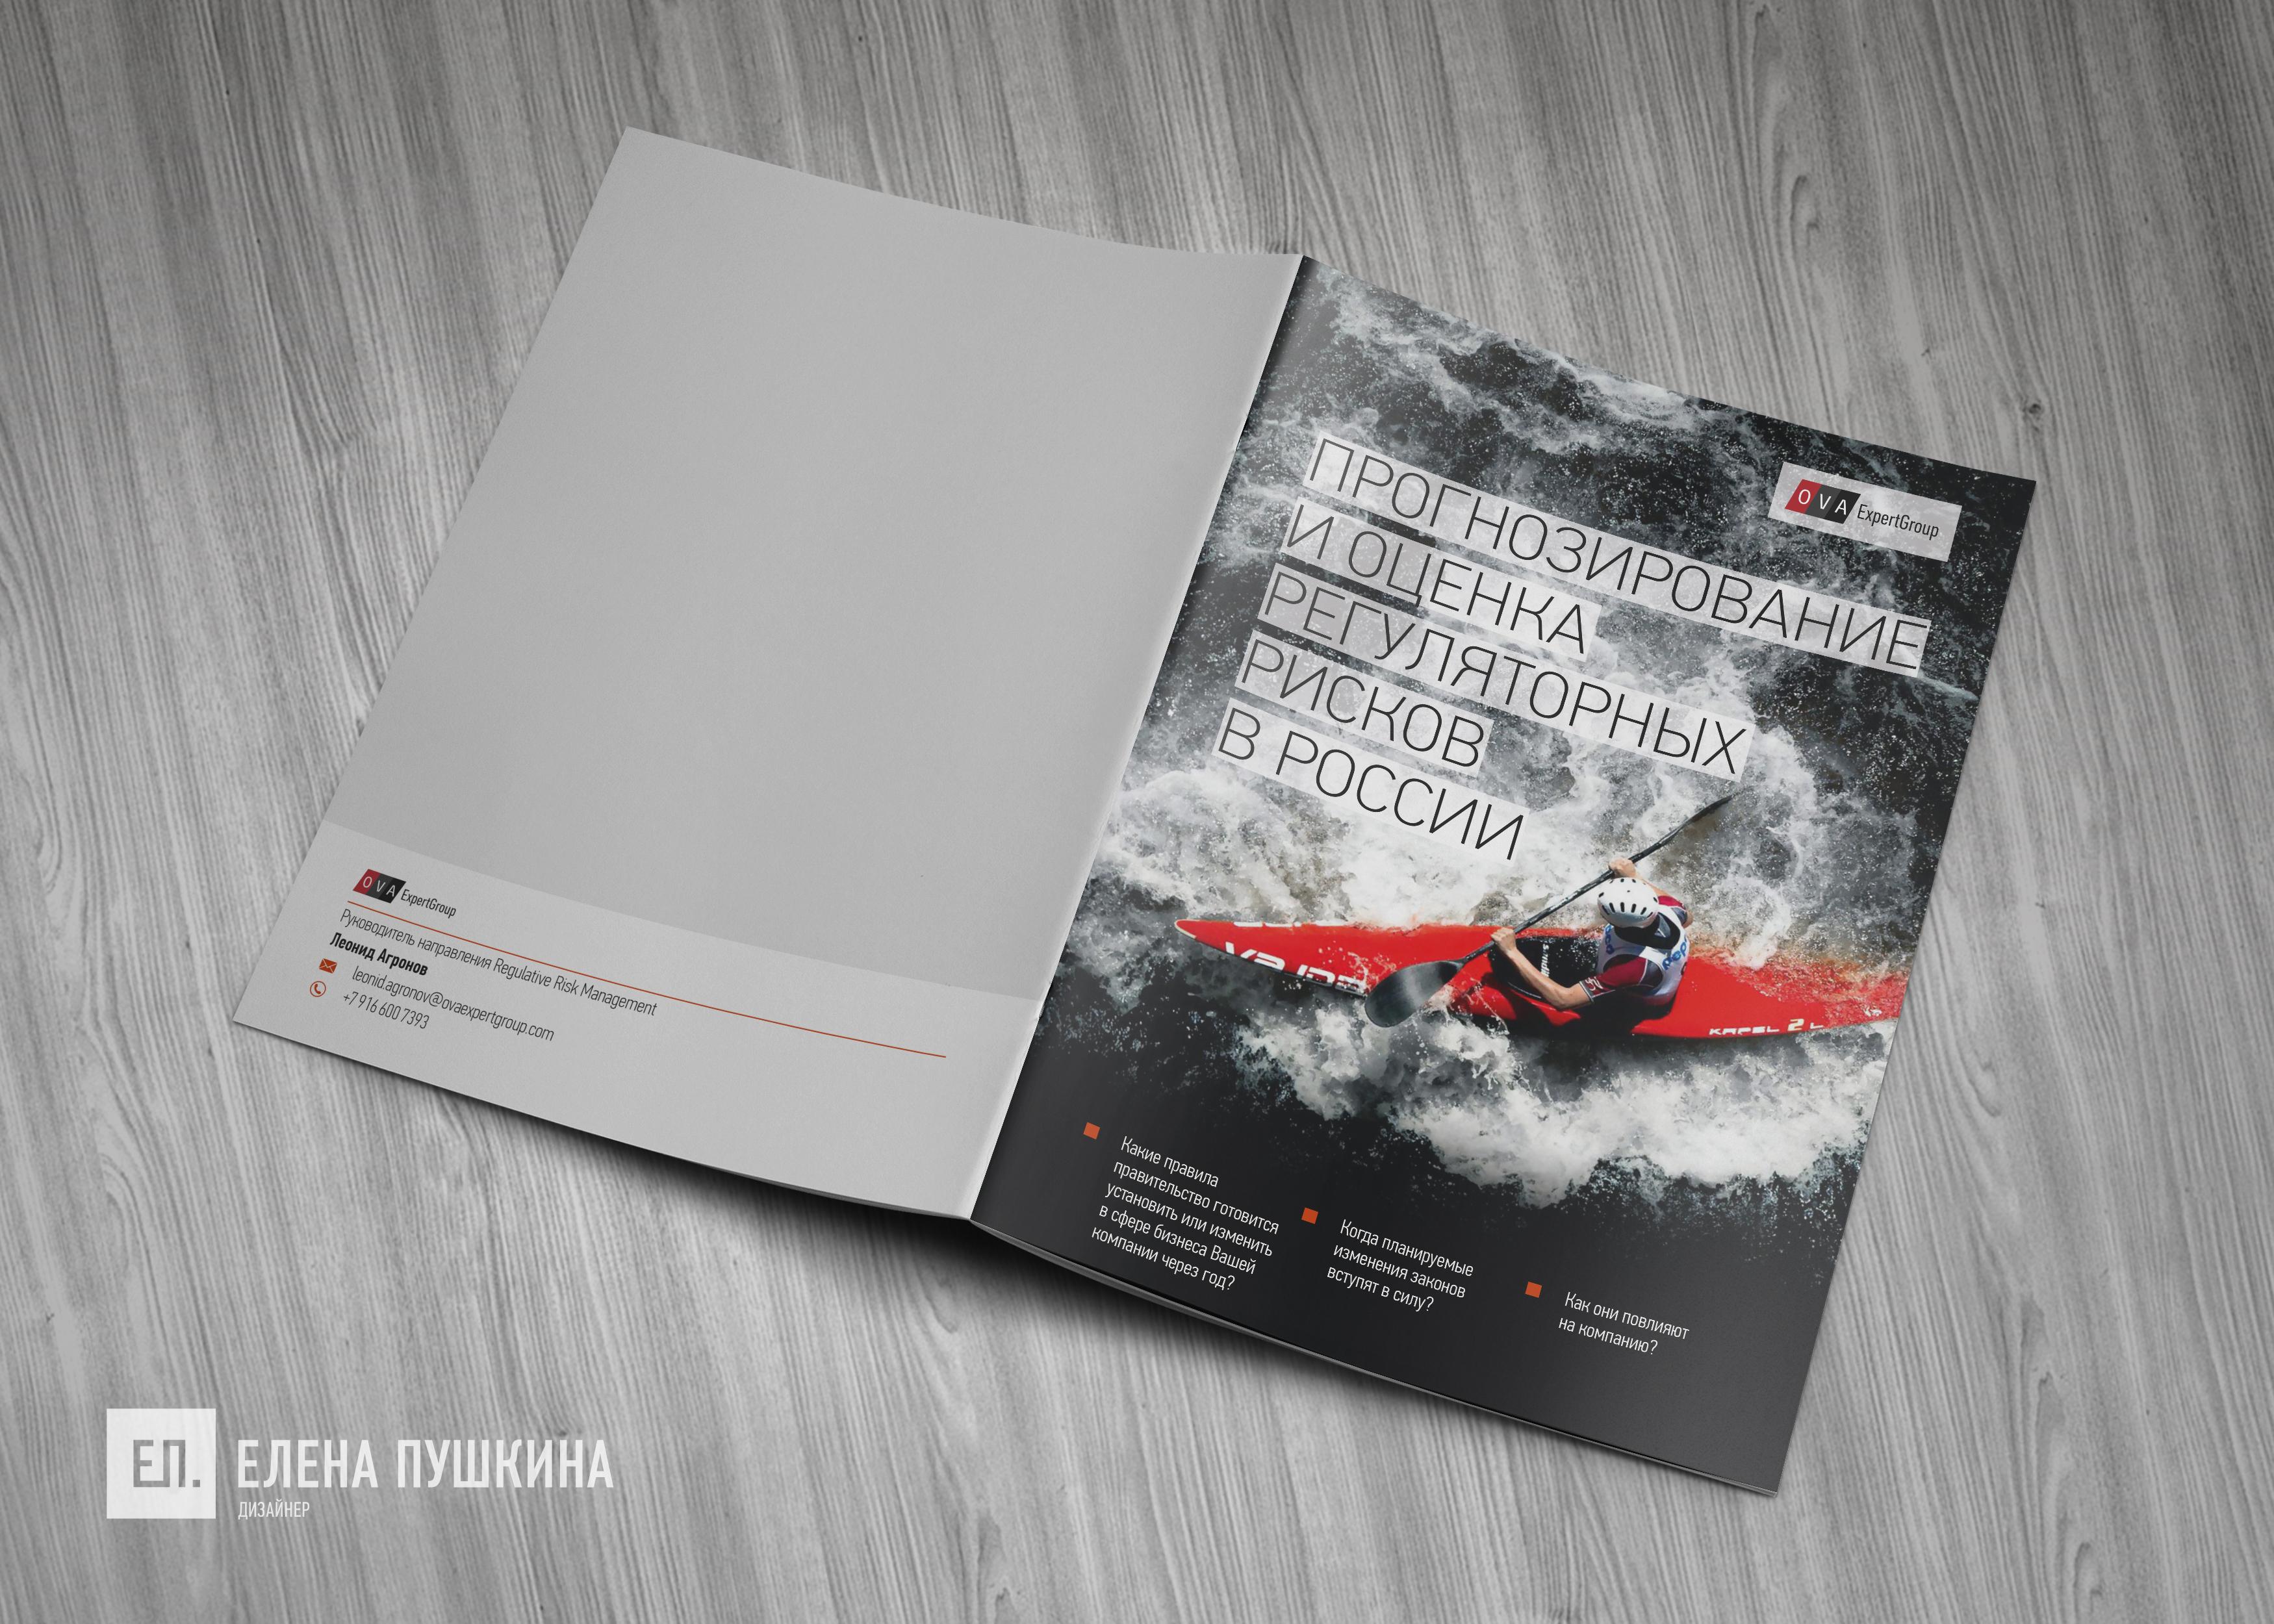 Аналитический отчет «Прогнозирование… вРоссии»— дизайн с«нуля» обложки, макета, инфографики ивёрстка брошюры Дизайн брошюр, буклетов Портфолио